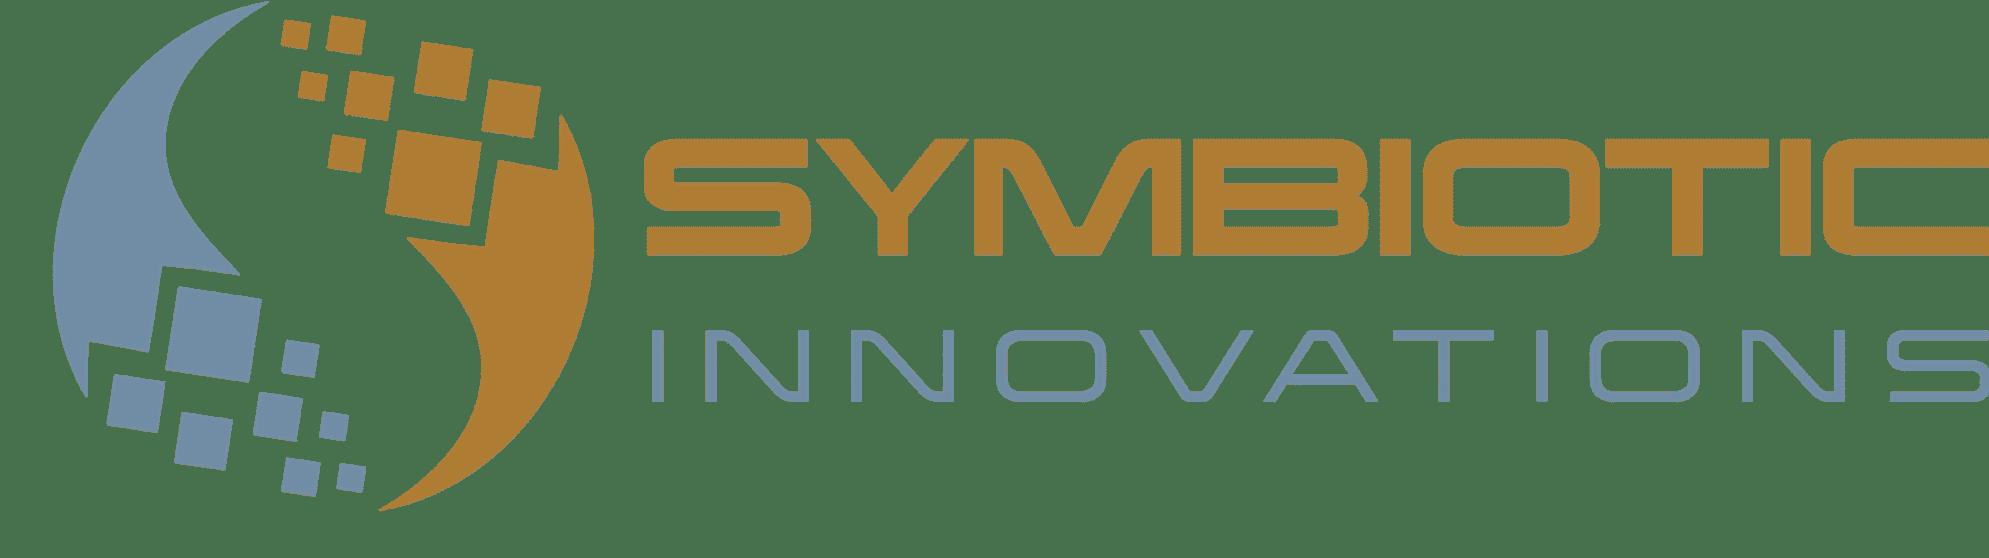 Symbiotic Innovations